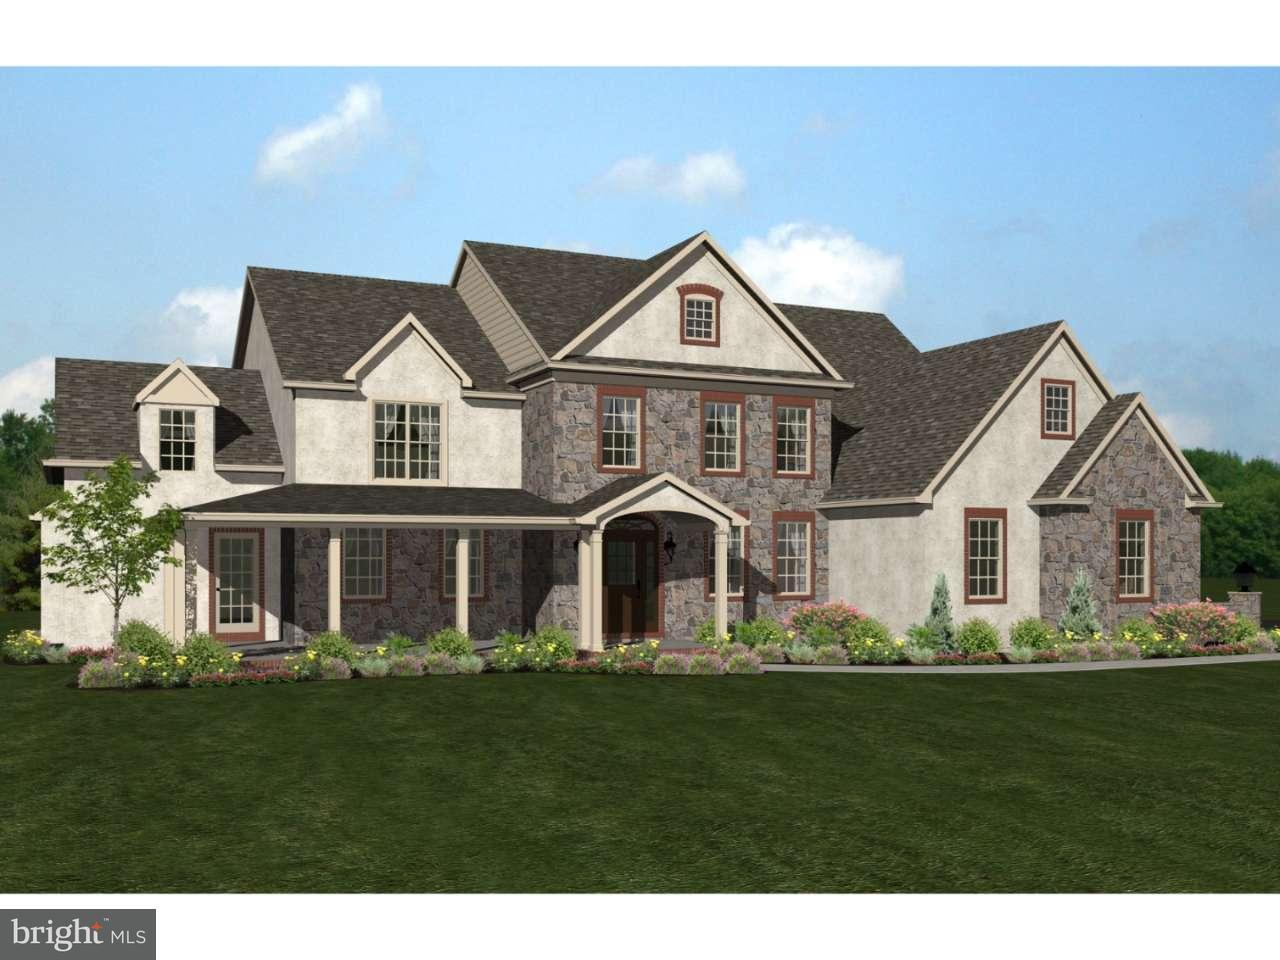 Maison unifamiliale pour l Vente à 1179 OLD BERNVILLE Road Leesport, Pennsylvanie 19533 États-Unis